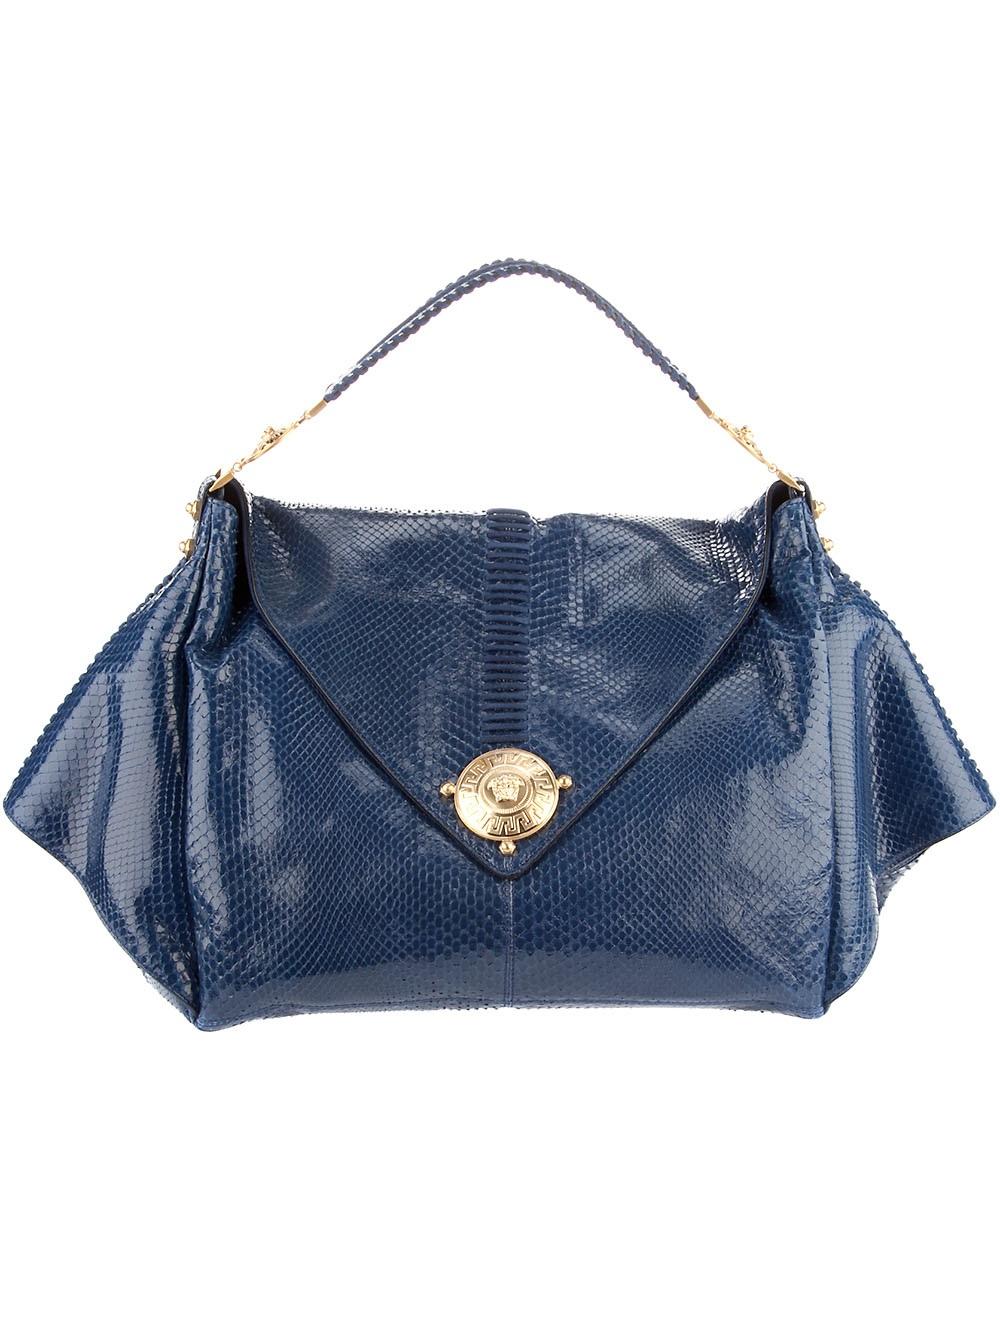 Blue Python Bag